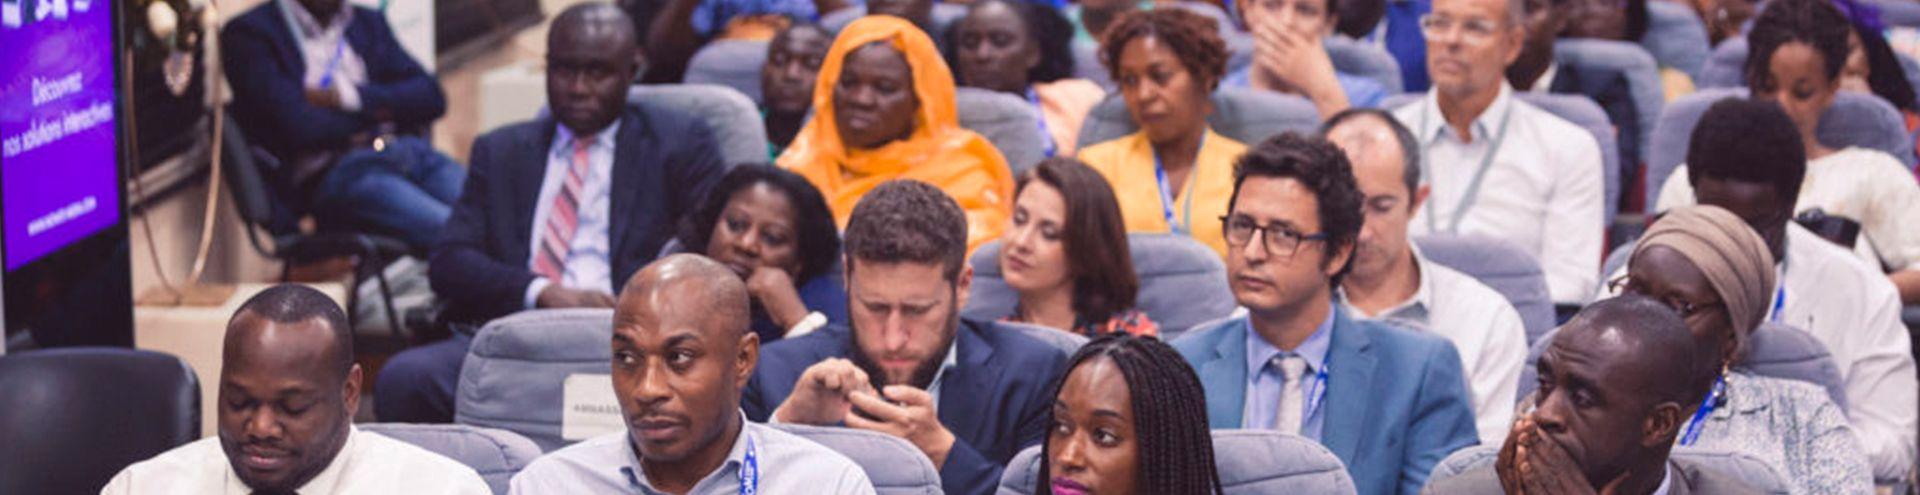 Des projets inclusifs en Afrique